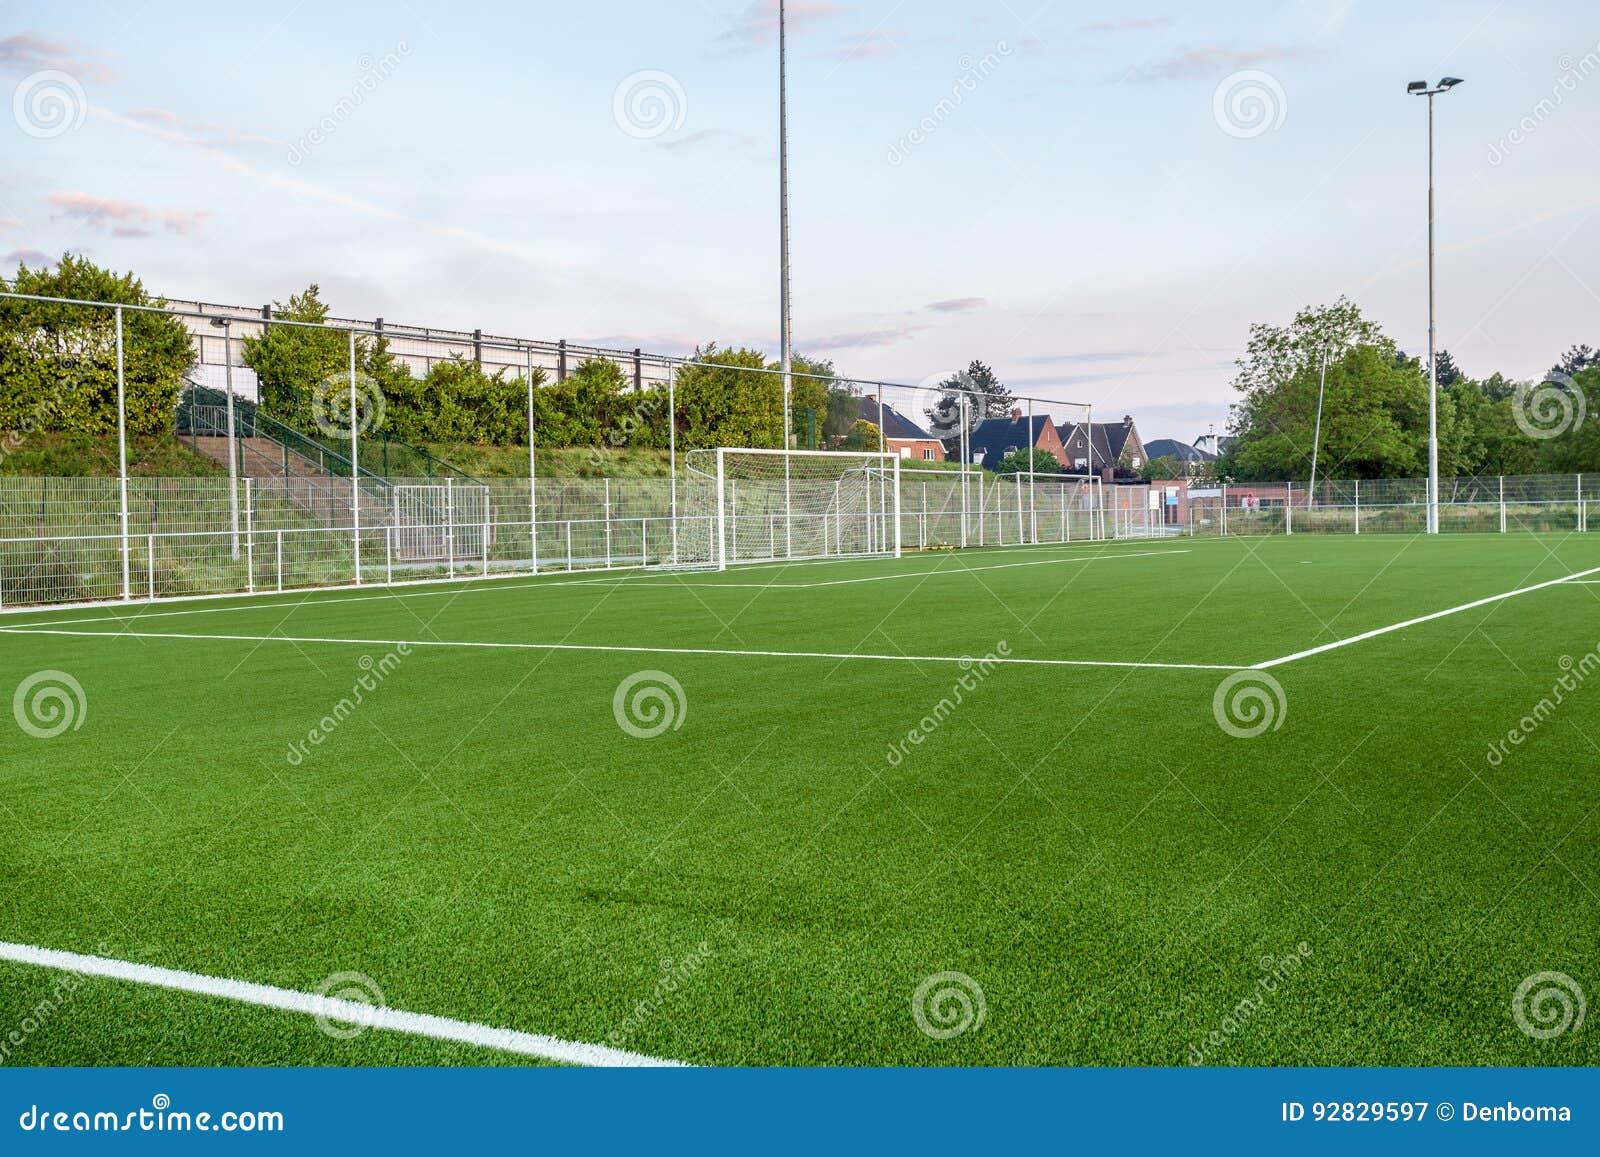 An football field